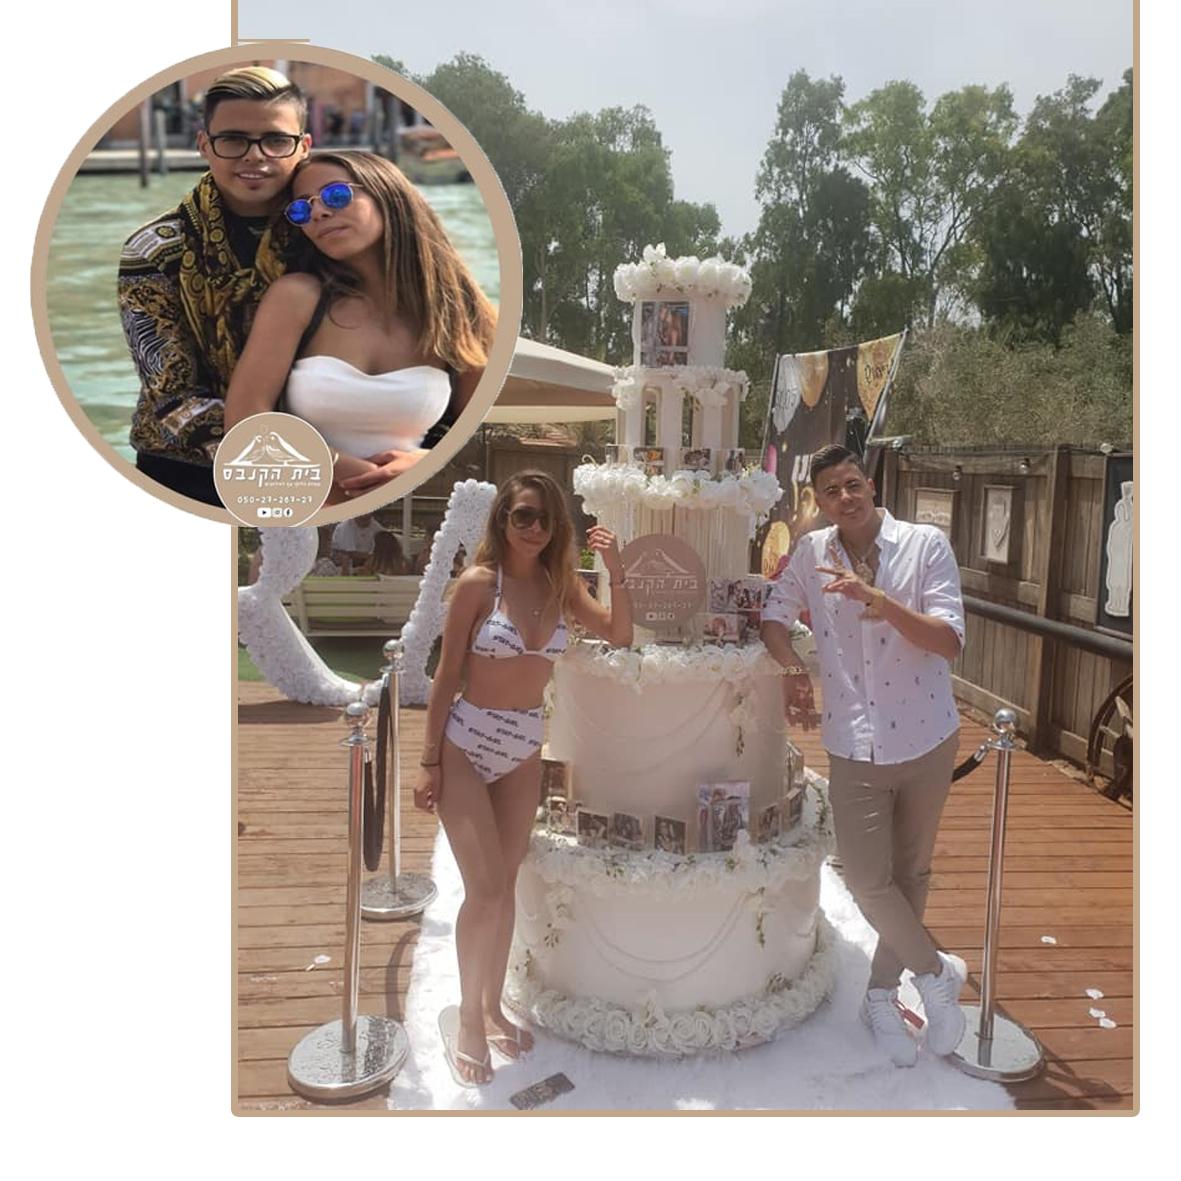 הצעת הנישואין של סטטיק